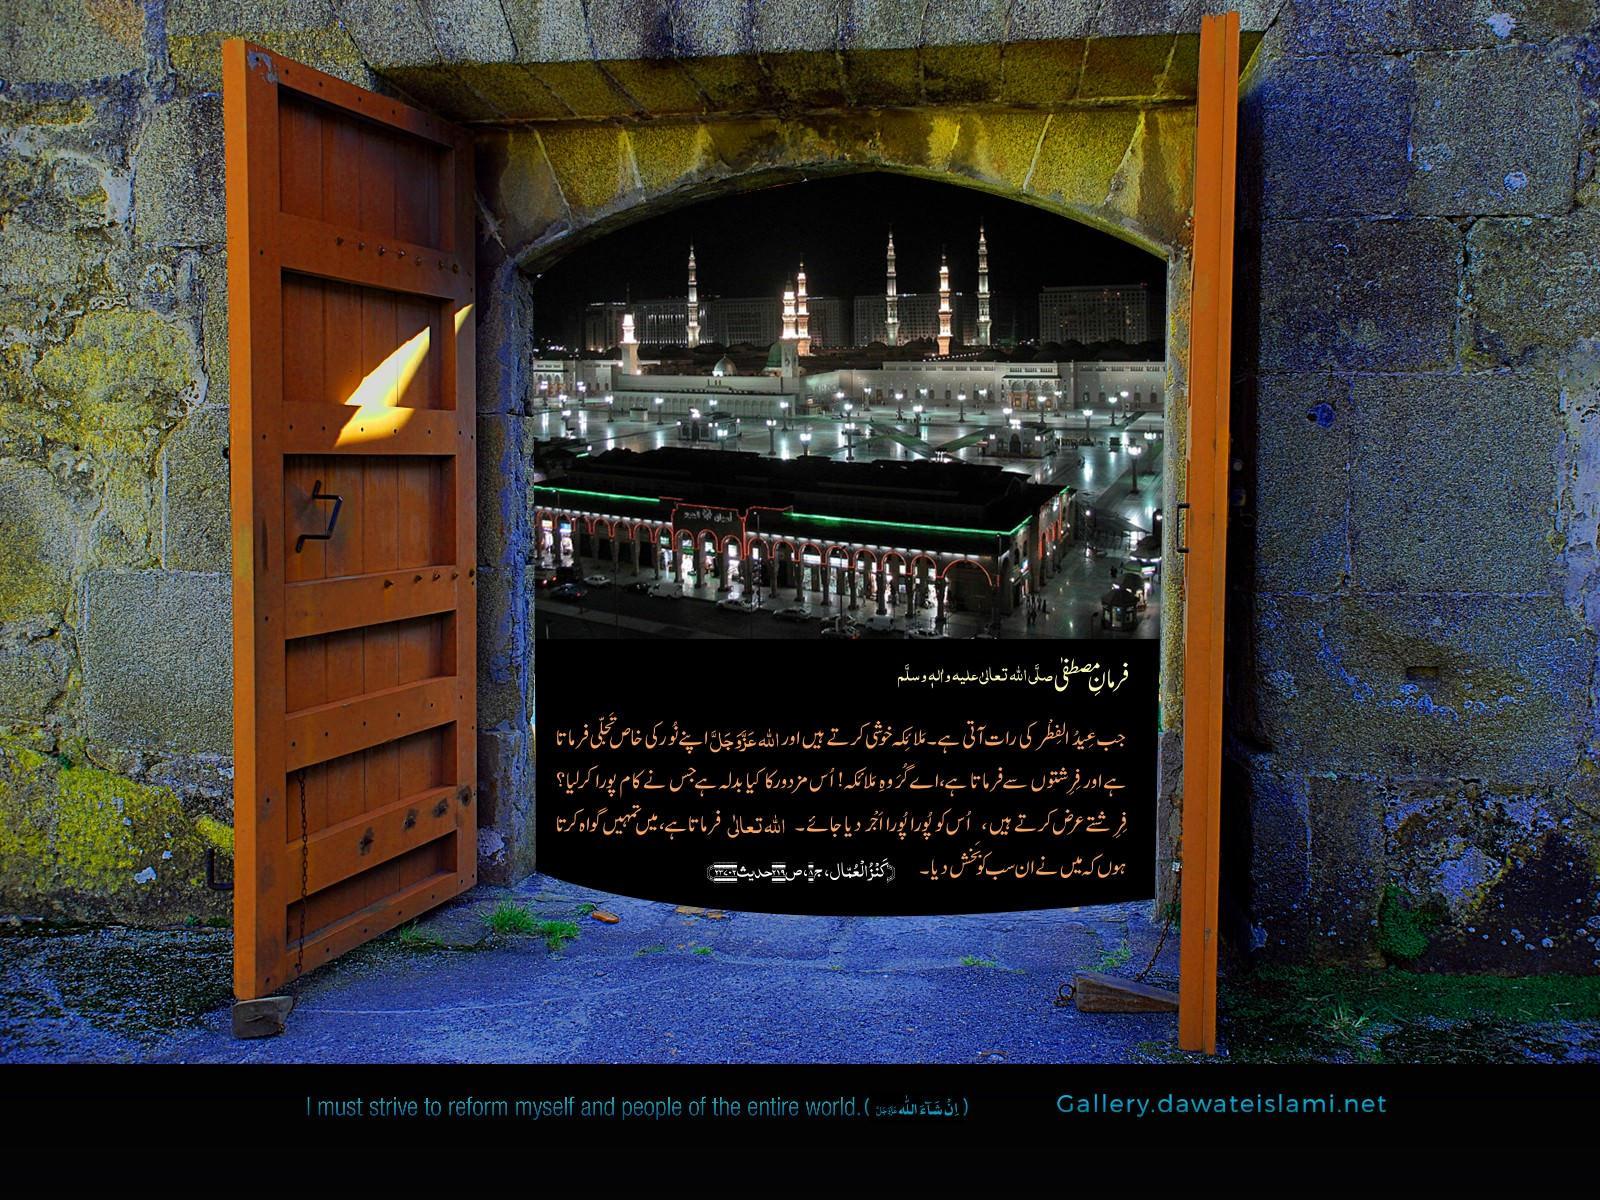 Jab Eid Ul Fitr ki Raat ati hai-Wallpaper